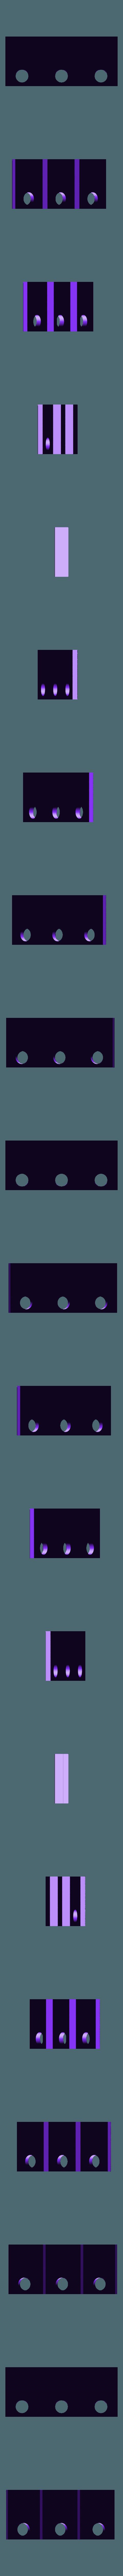 transistor_holder.stl Télécharger fichier STL gratuit Lampe de projecteur RGB • Design imprimable en 3D, Job